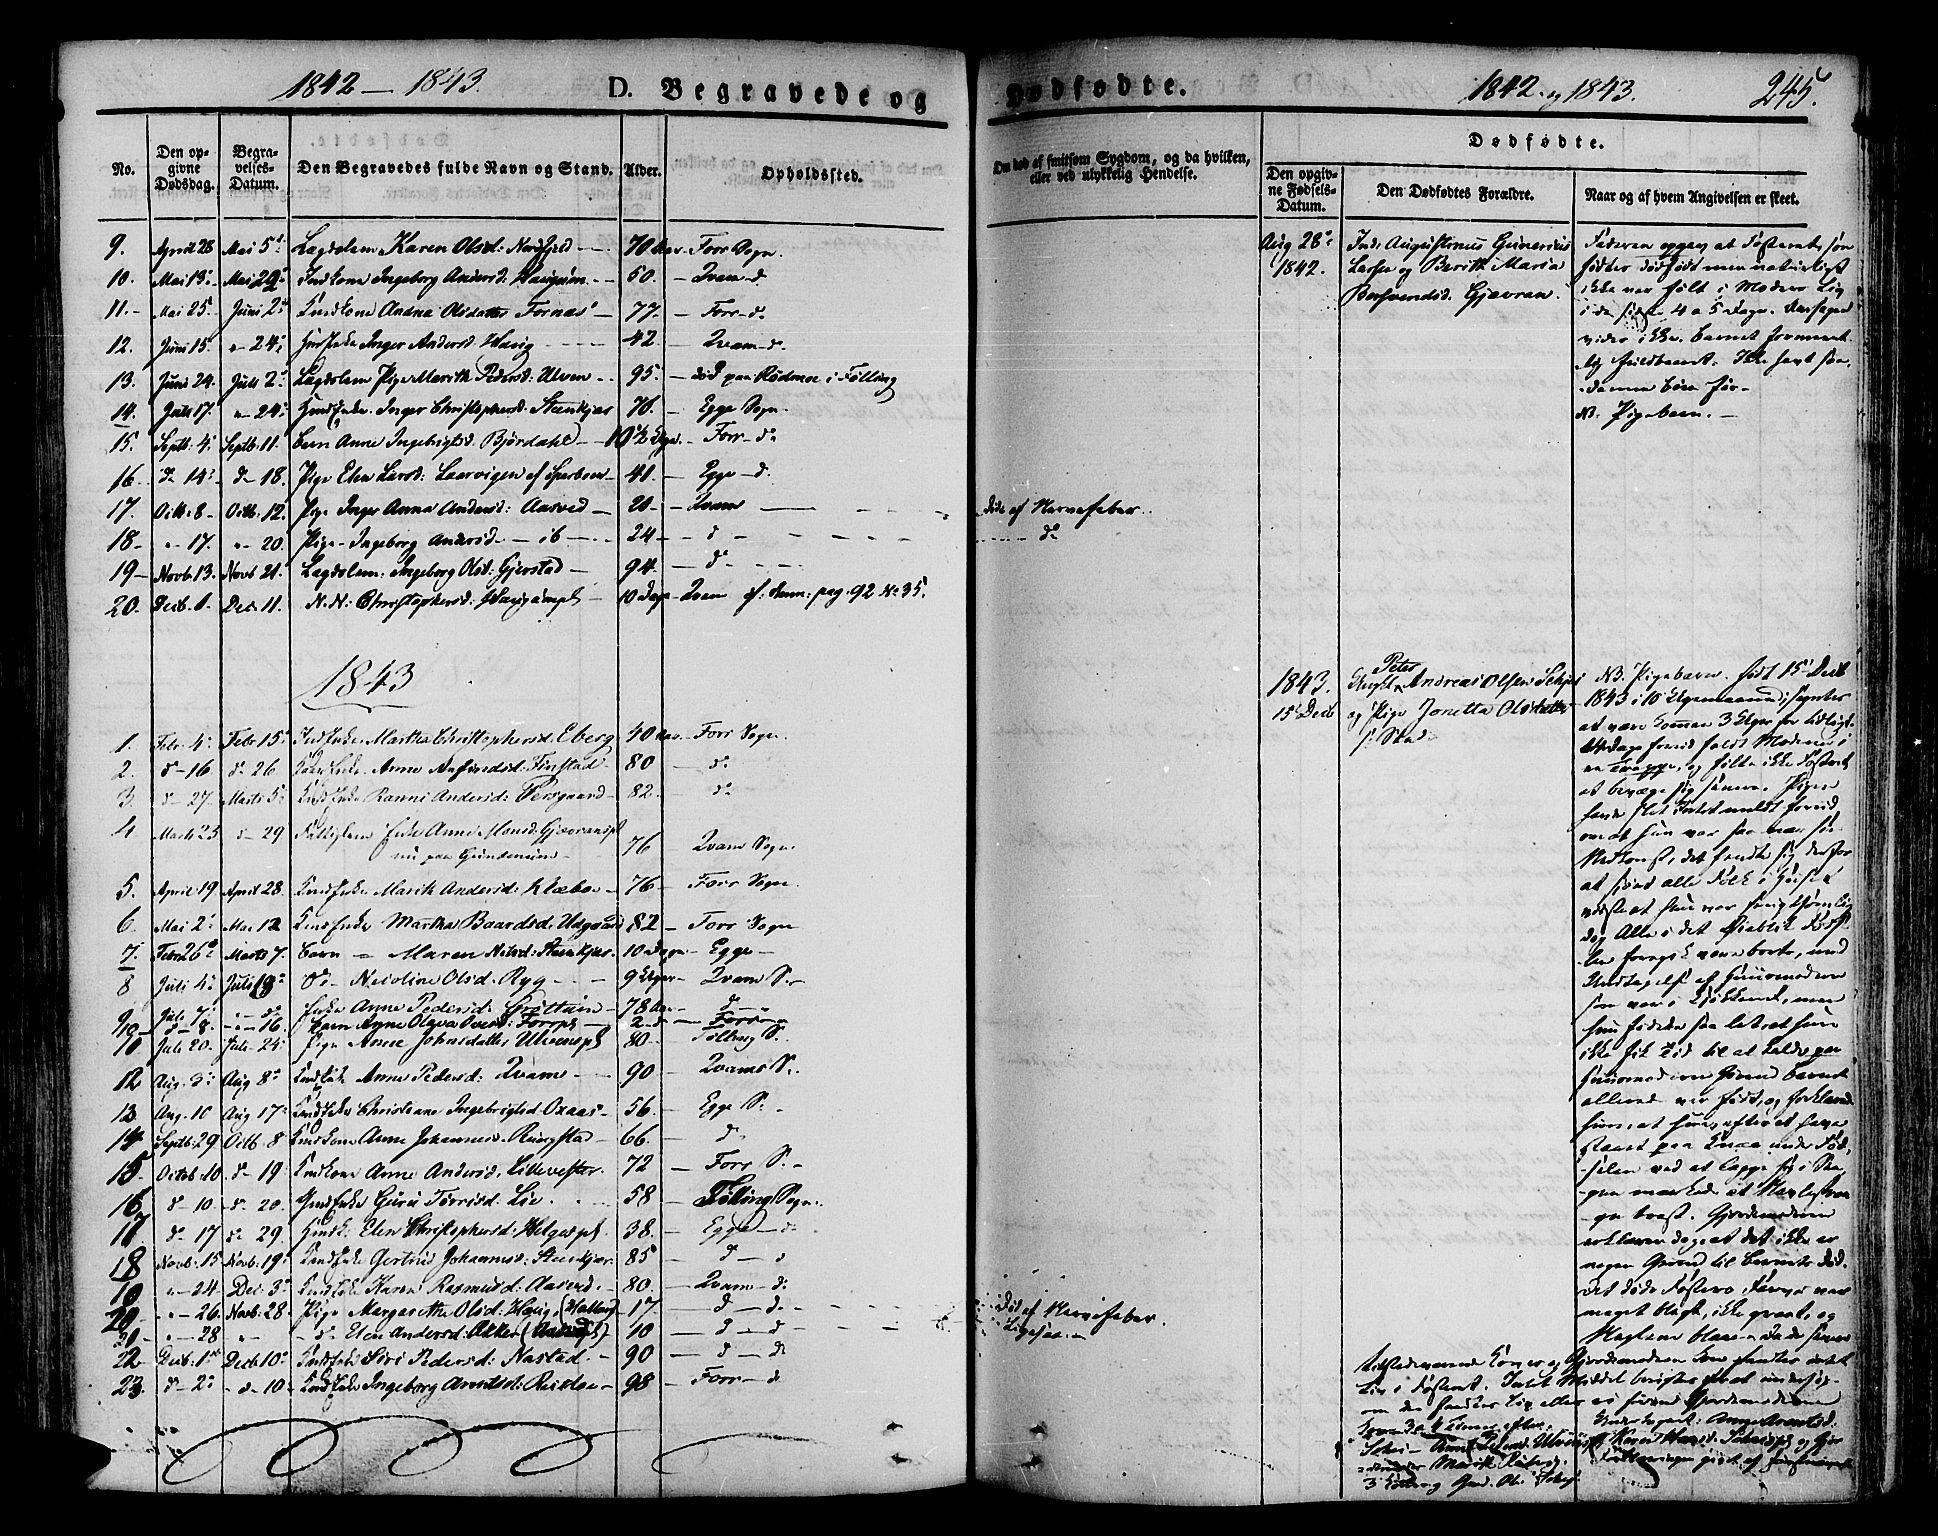 SAT, Ministerialprotokoller, klokkerbøker og fødselsregistre - Nord-Trøndelag, 746/L0445: Ministerialbok nr. 746A04, 1826-1846, s. 245